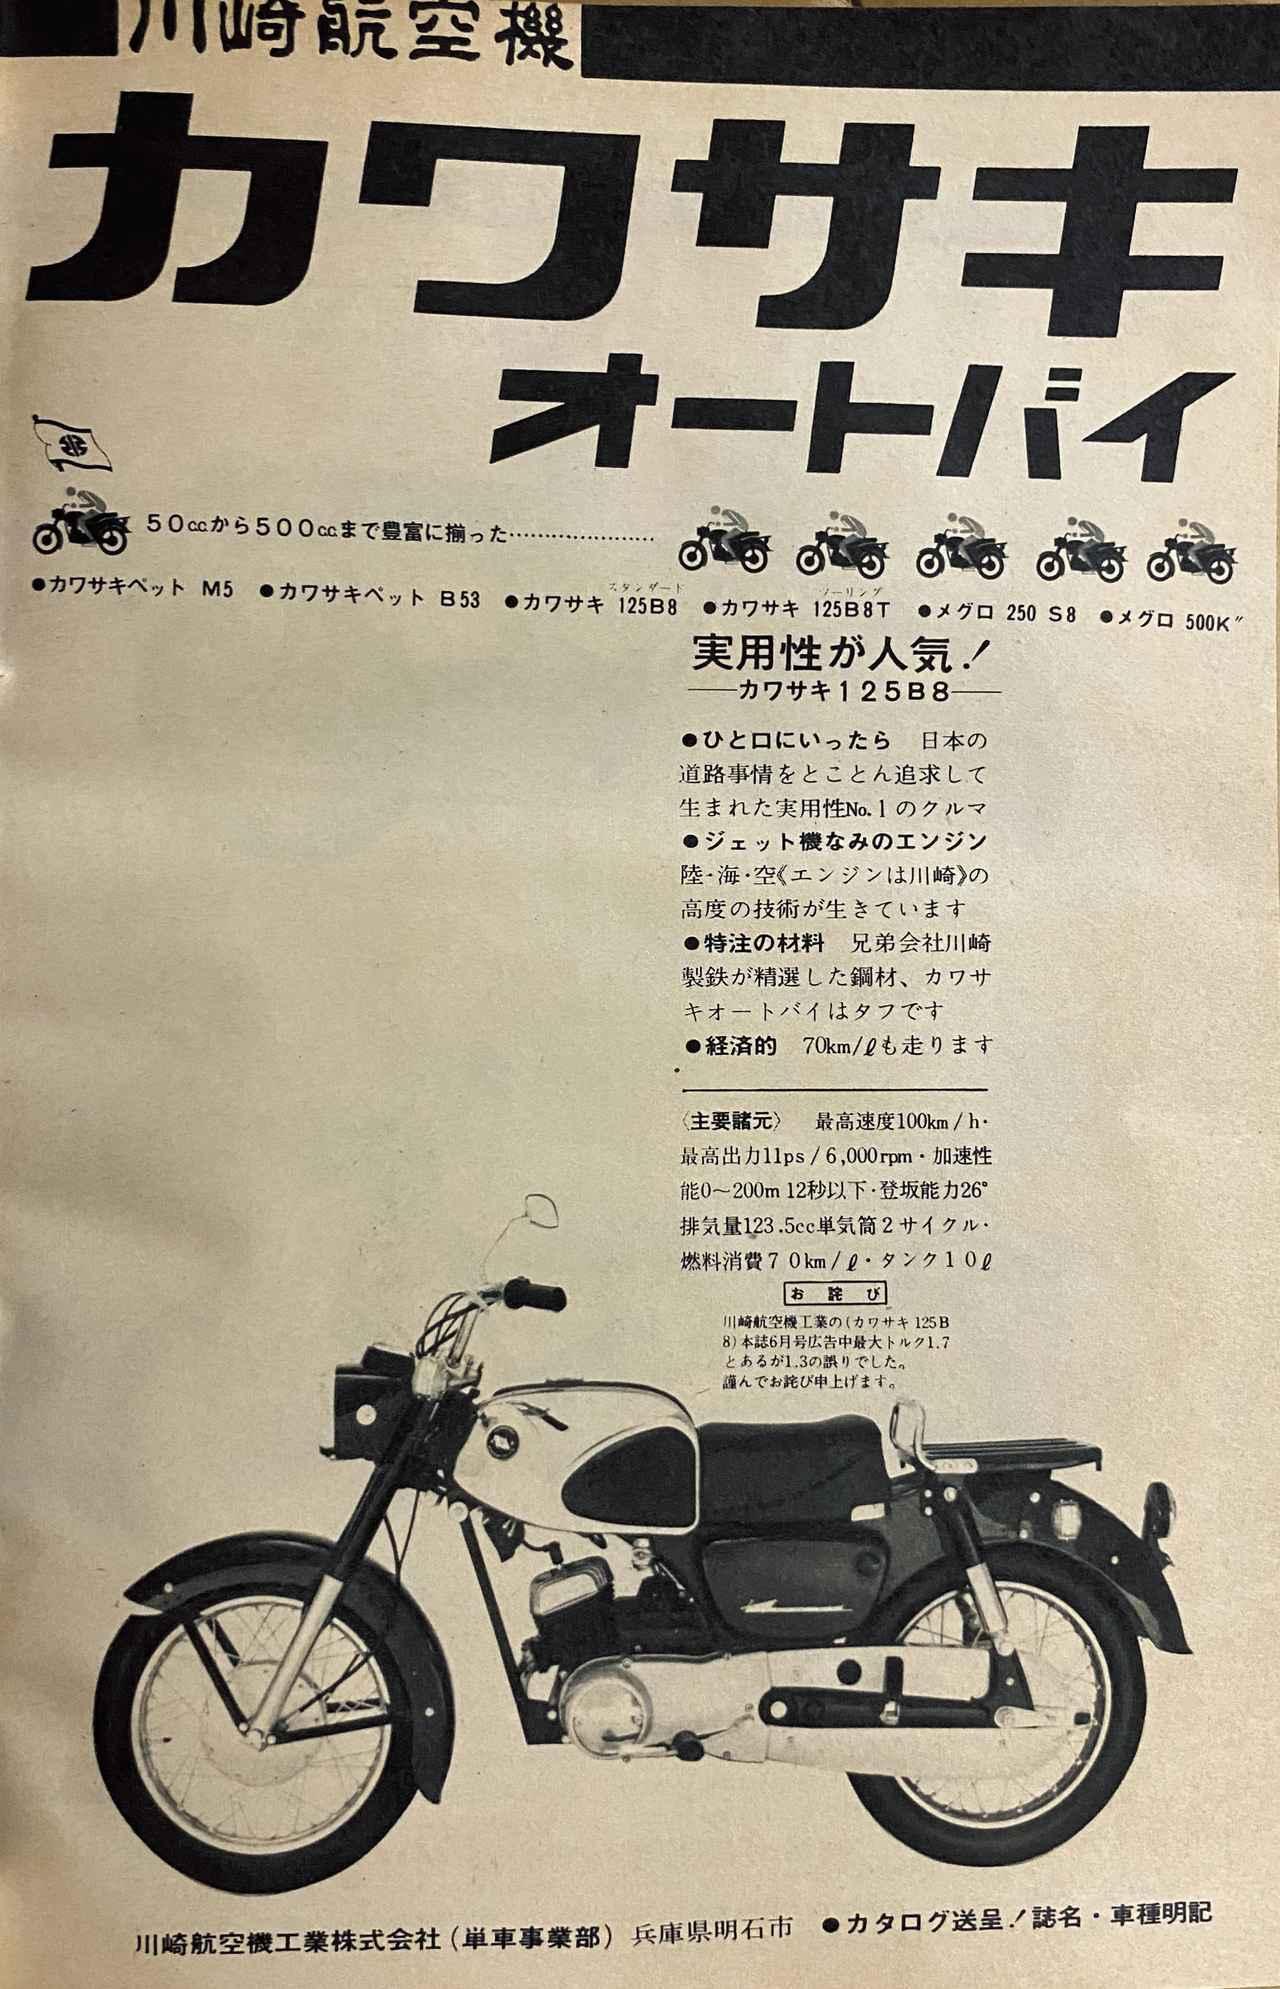 画像: 昭和37年の月刊『オートバイ』、カワサキの広告ページ。カワサキが125B8を発売し、同時にメグロ250S8、メグロ500Kを販売しているのがわかる。